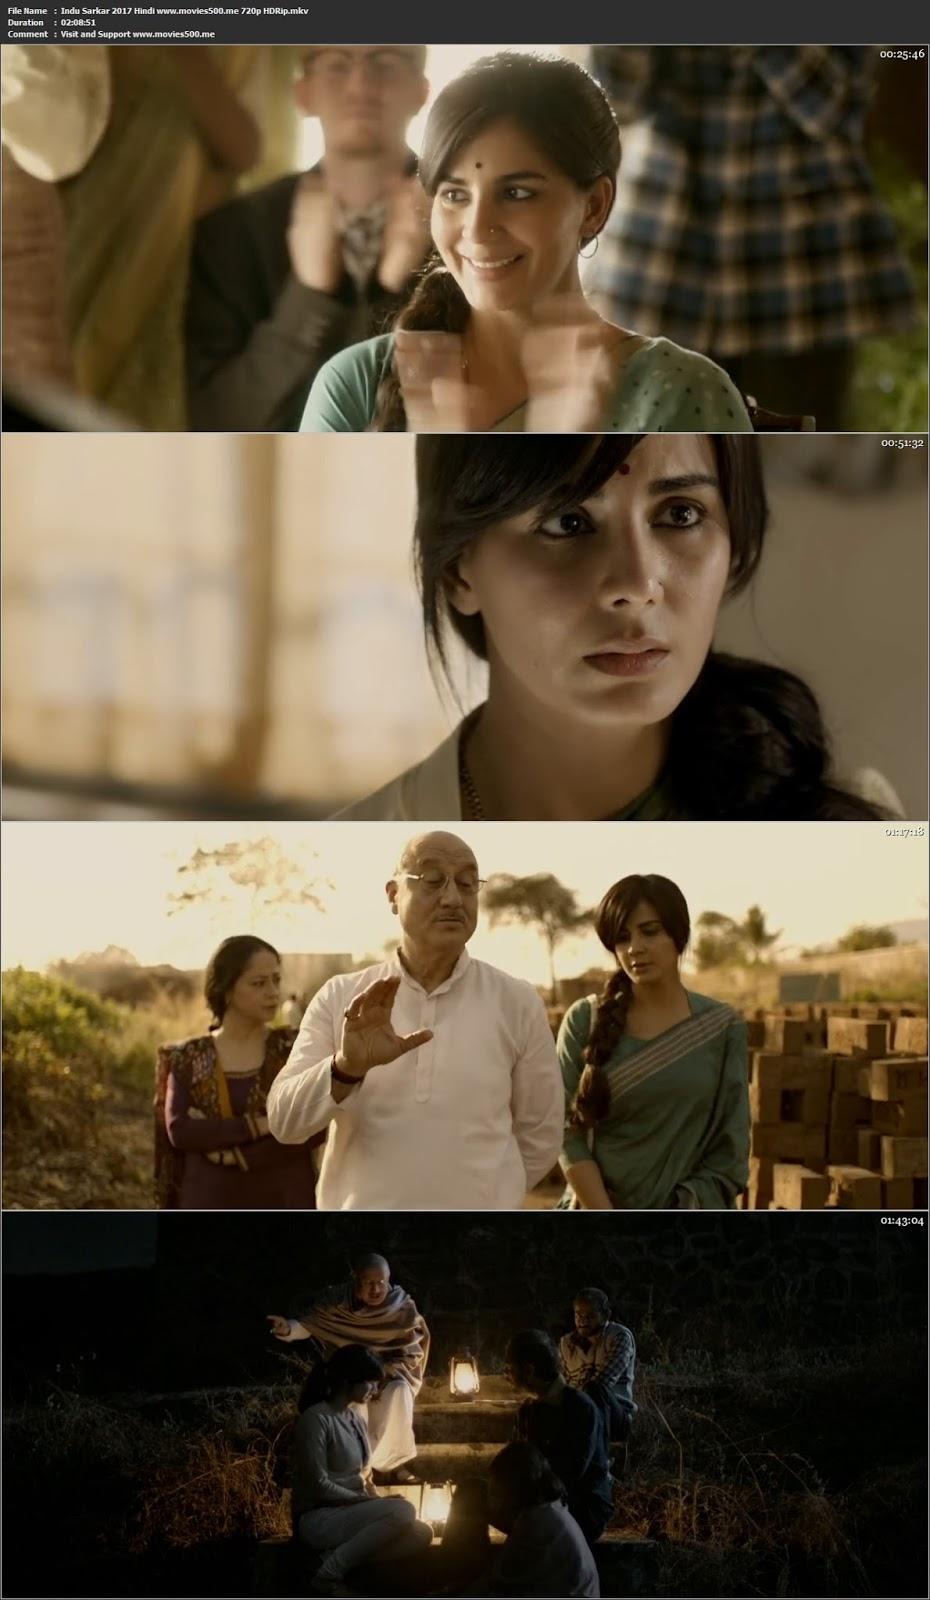 Indu Sarkar 2017 Hindi Full Movie HDrip 720p at 9966132.com